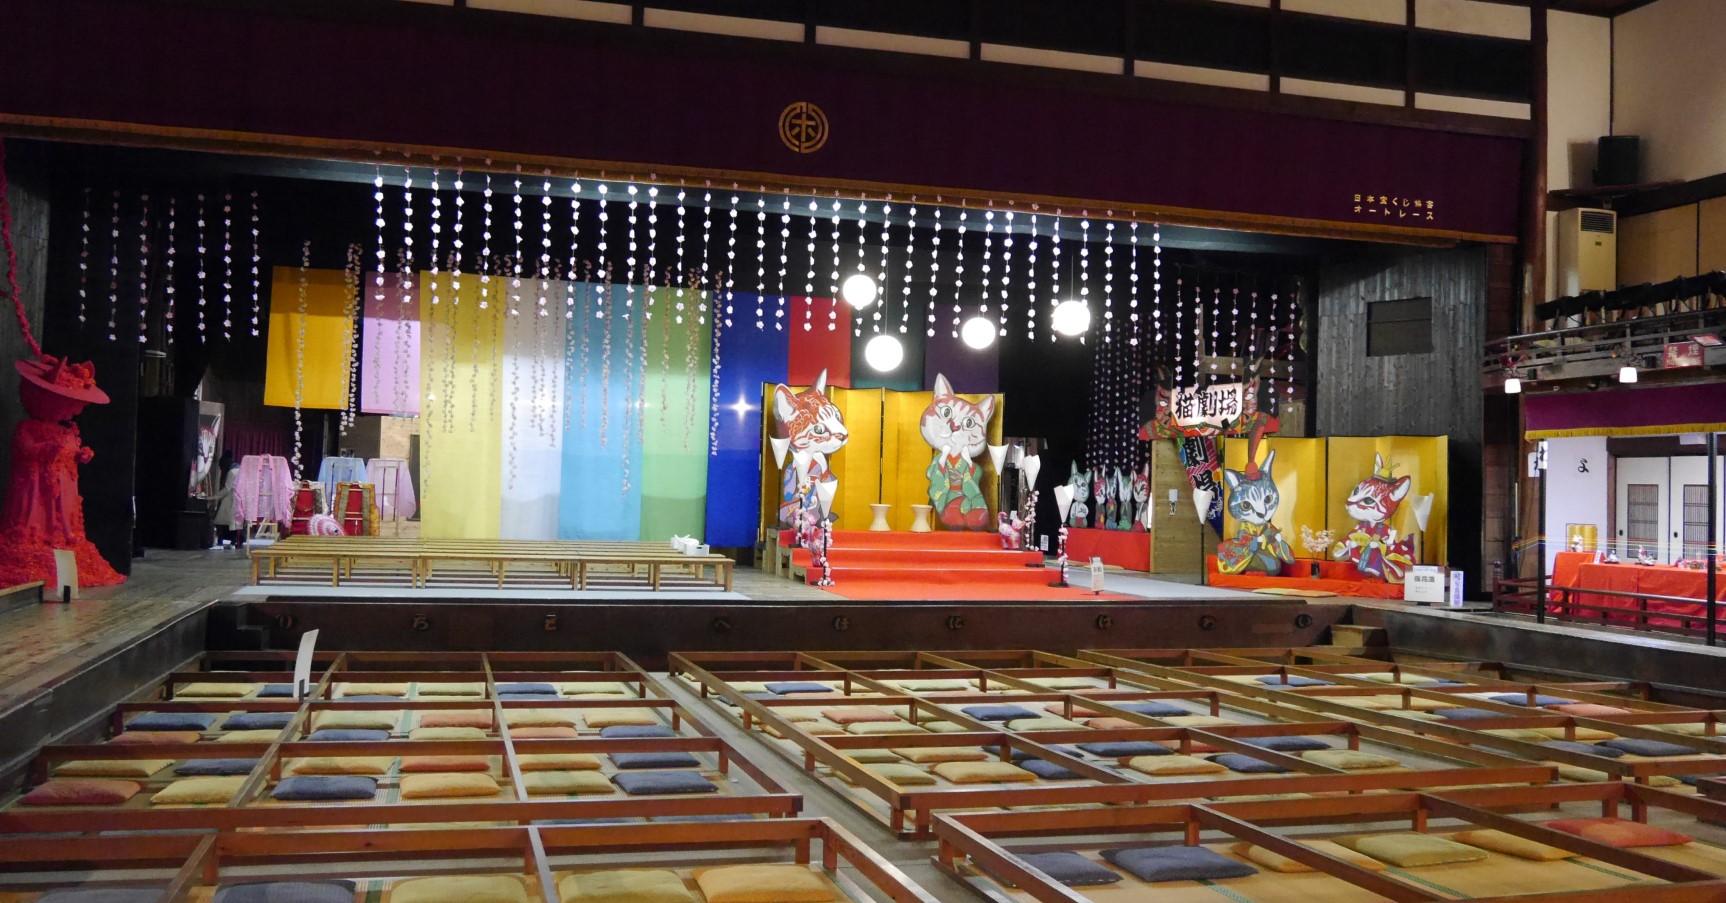 嘉穂劇場は、国の登録有形文化財に指定されている歌舞伎劇場。